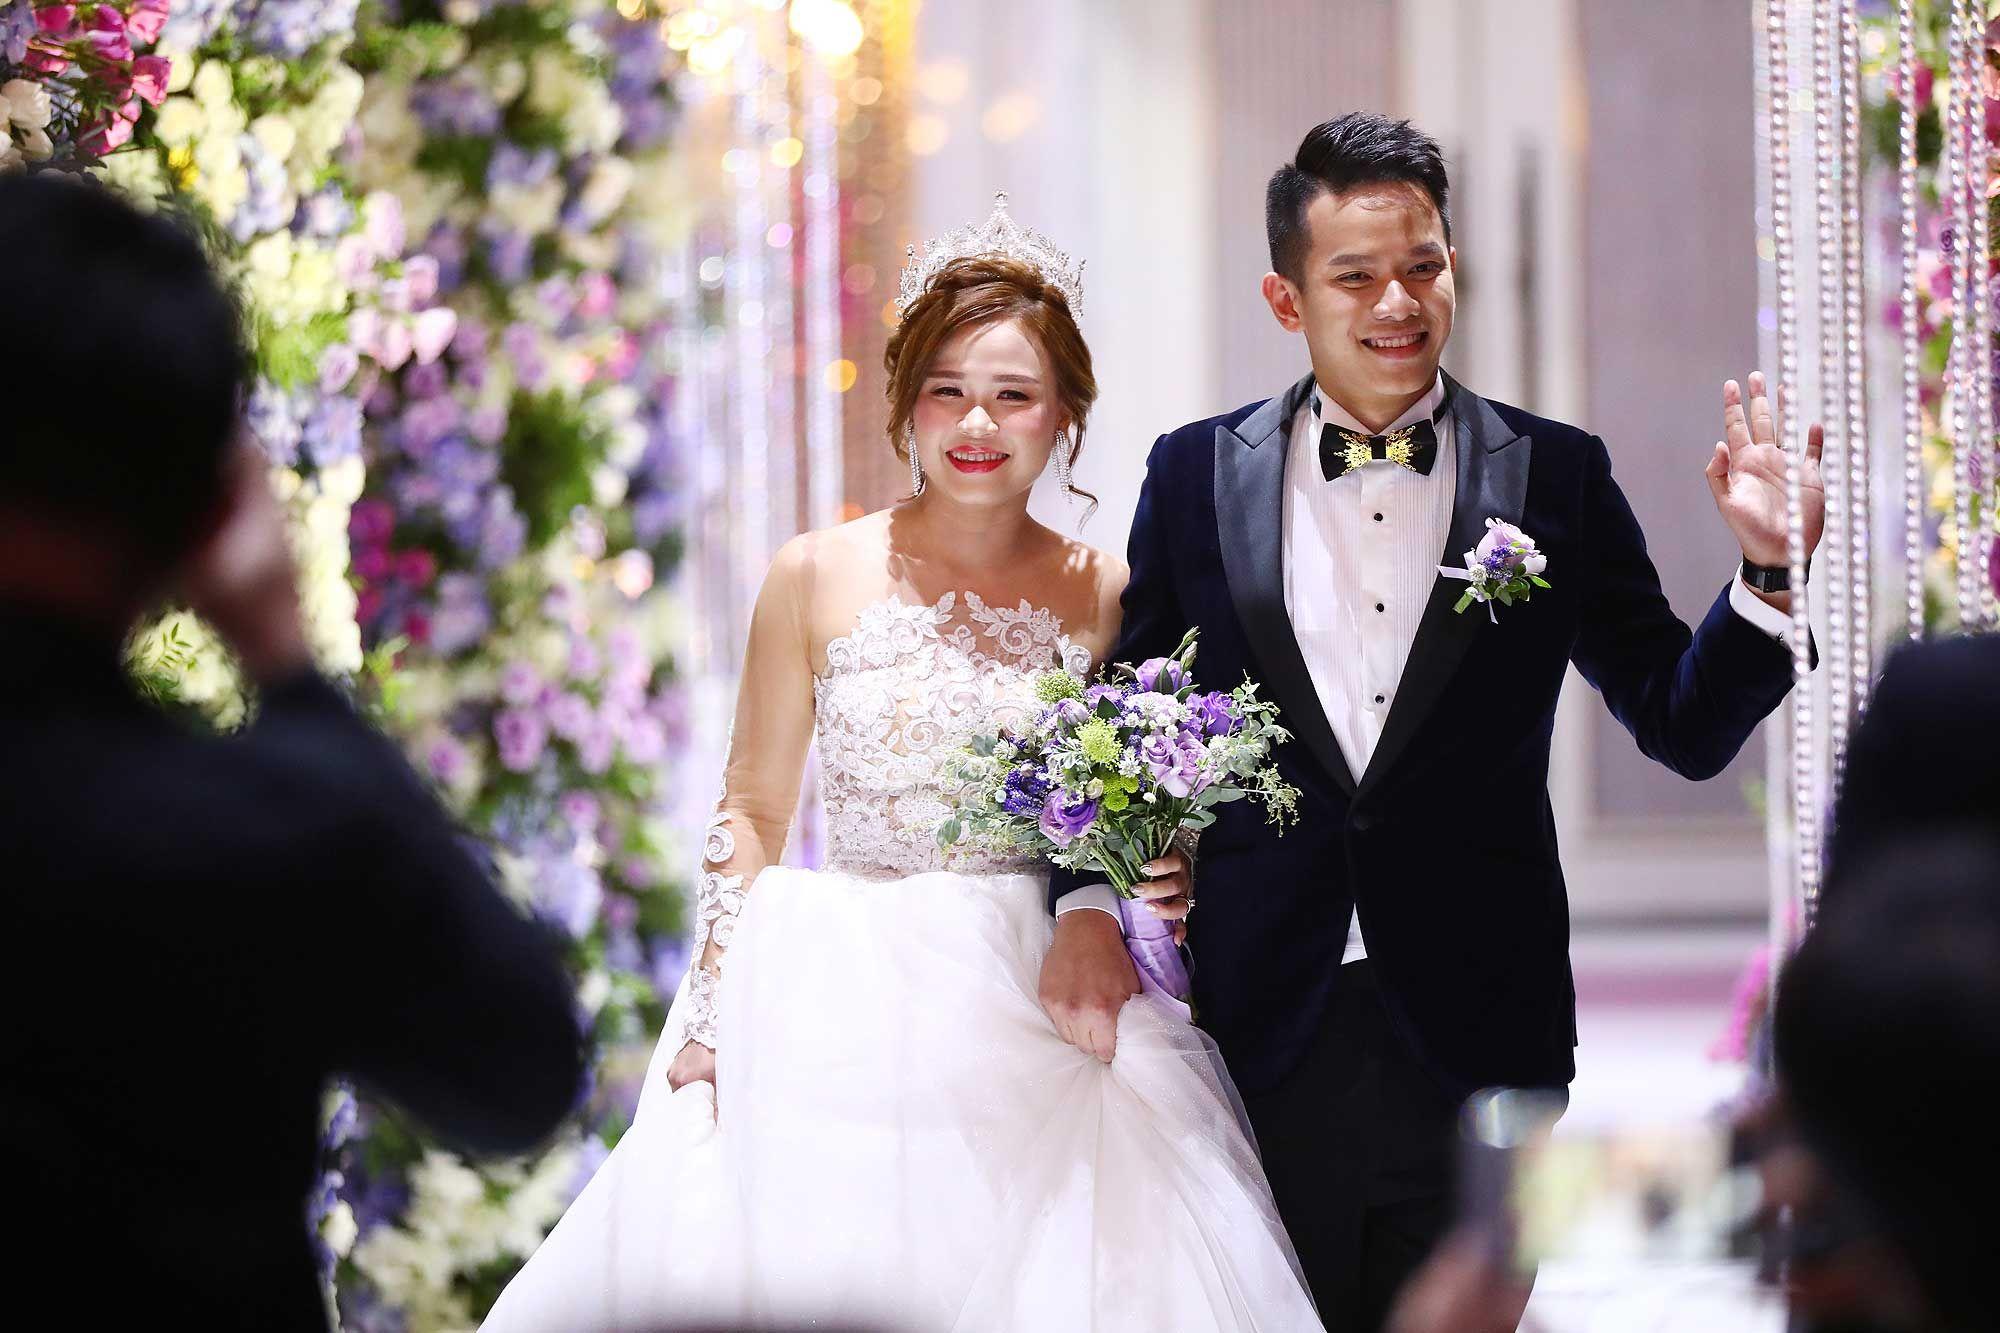 Chan Le Yee and Tan Hong Lim